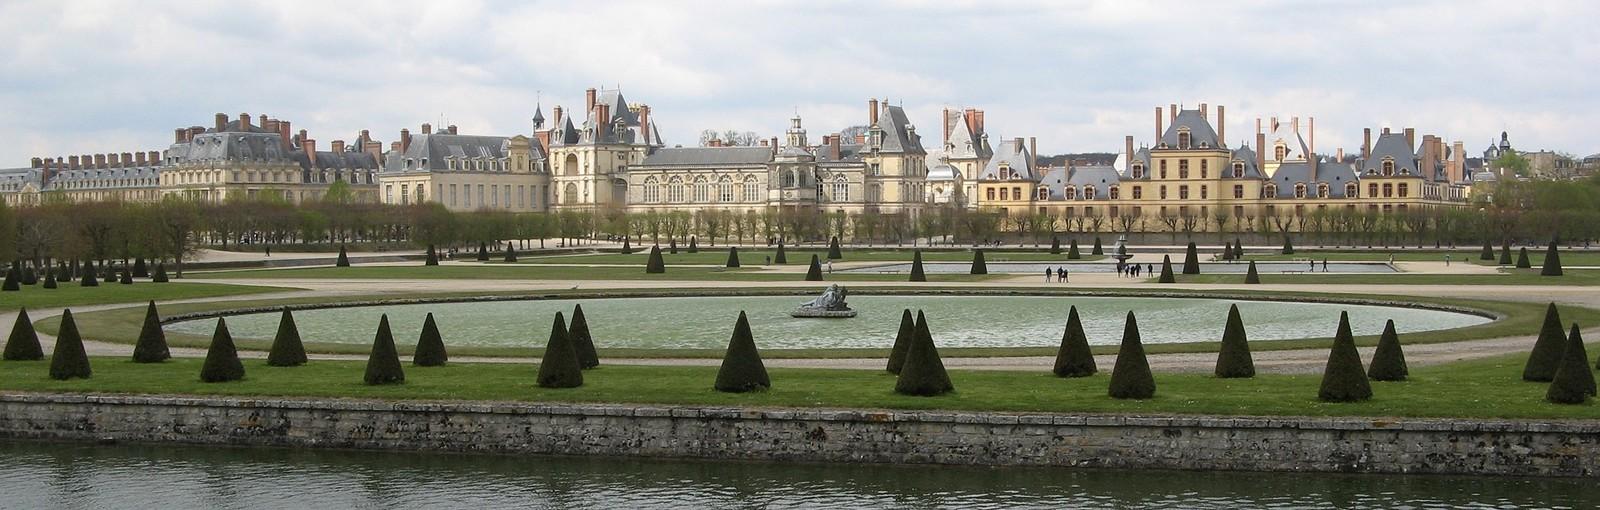 Tours Fontainebleau - Barbizon - Medio-días - Excursiones desde París